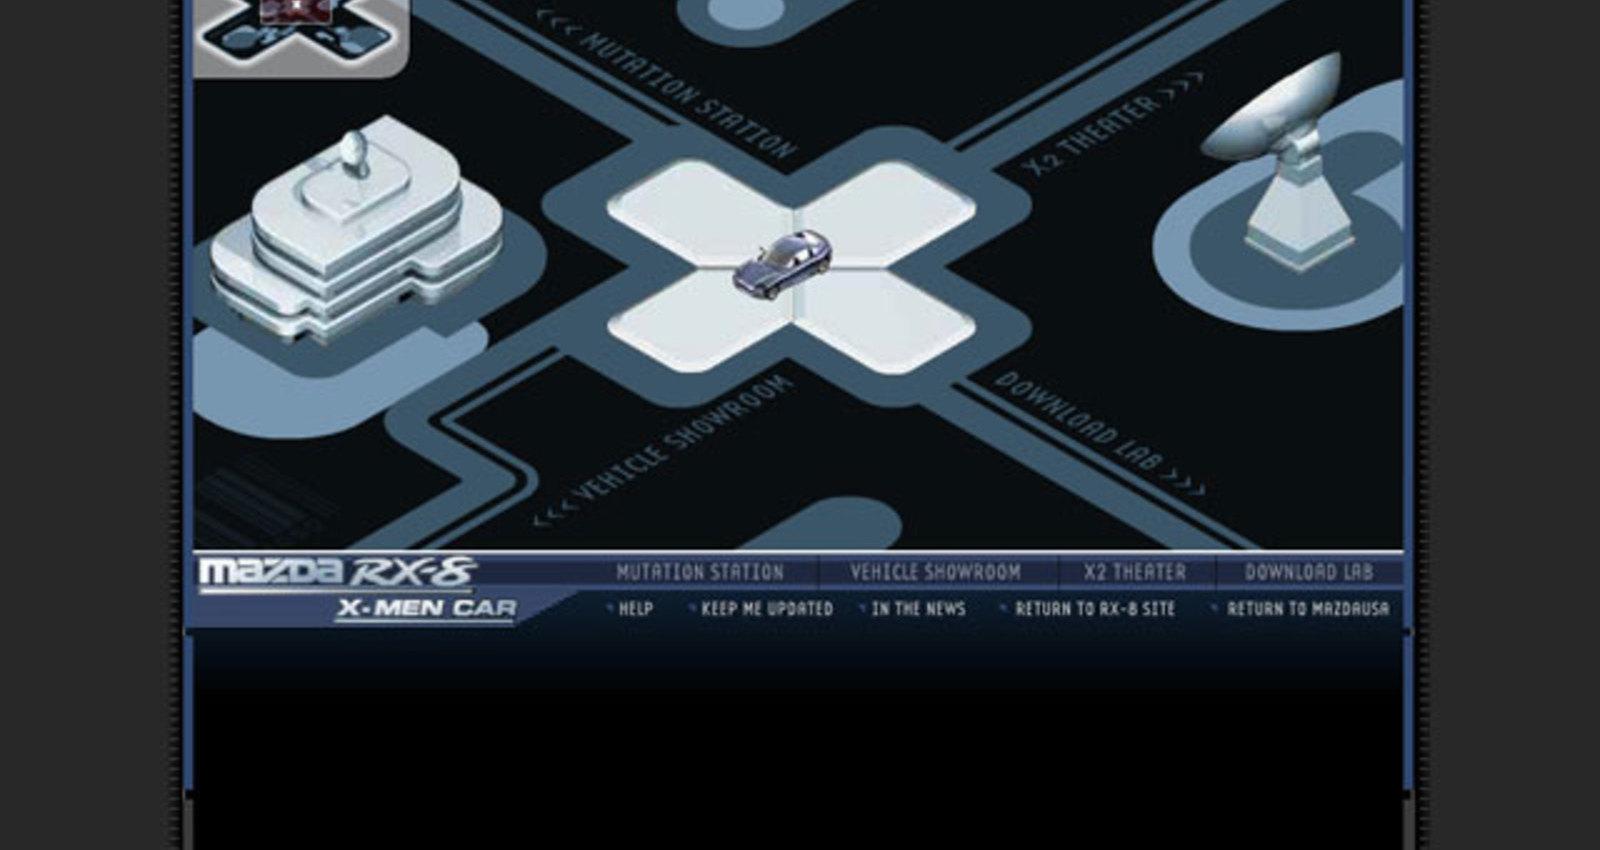 X2 X-Men Promotional Site